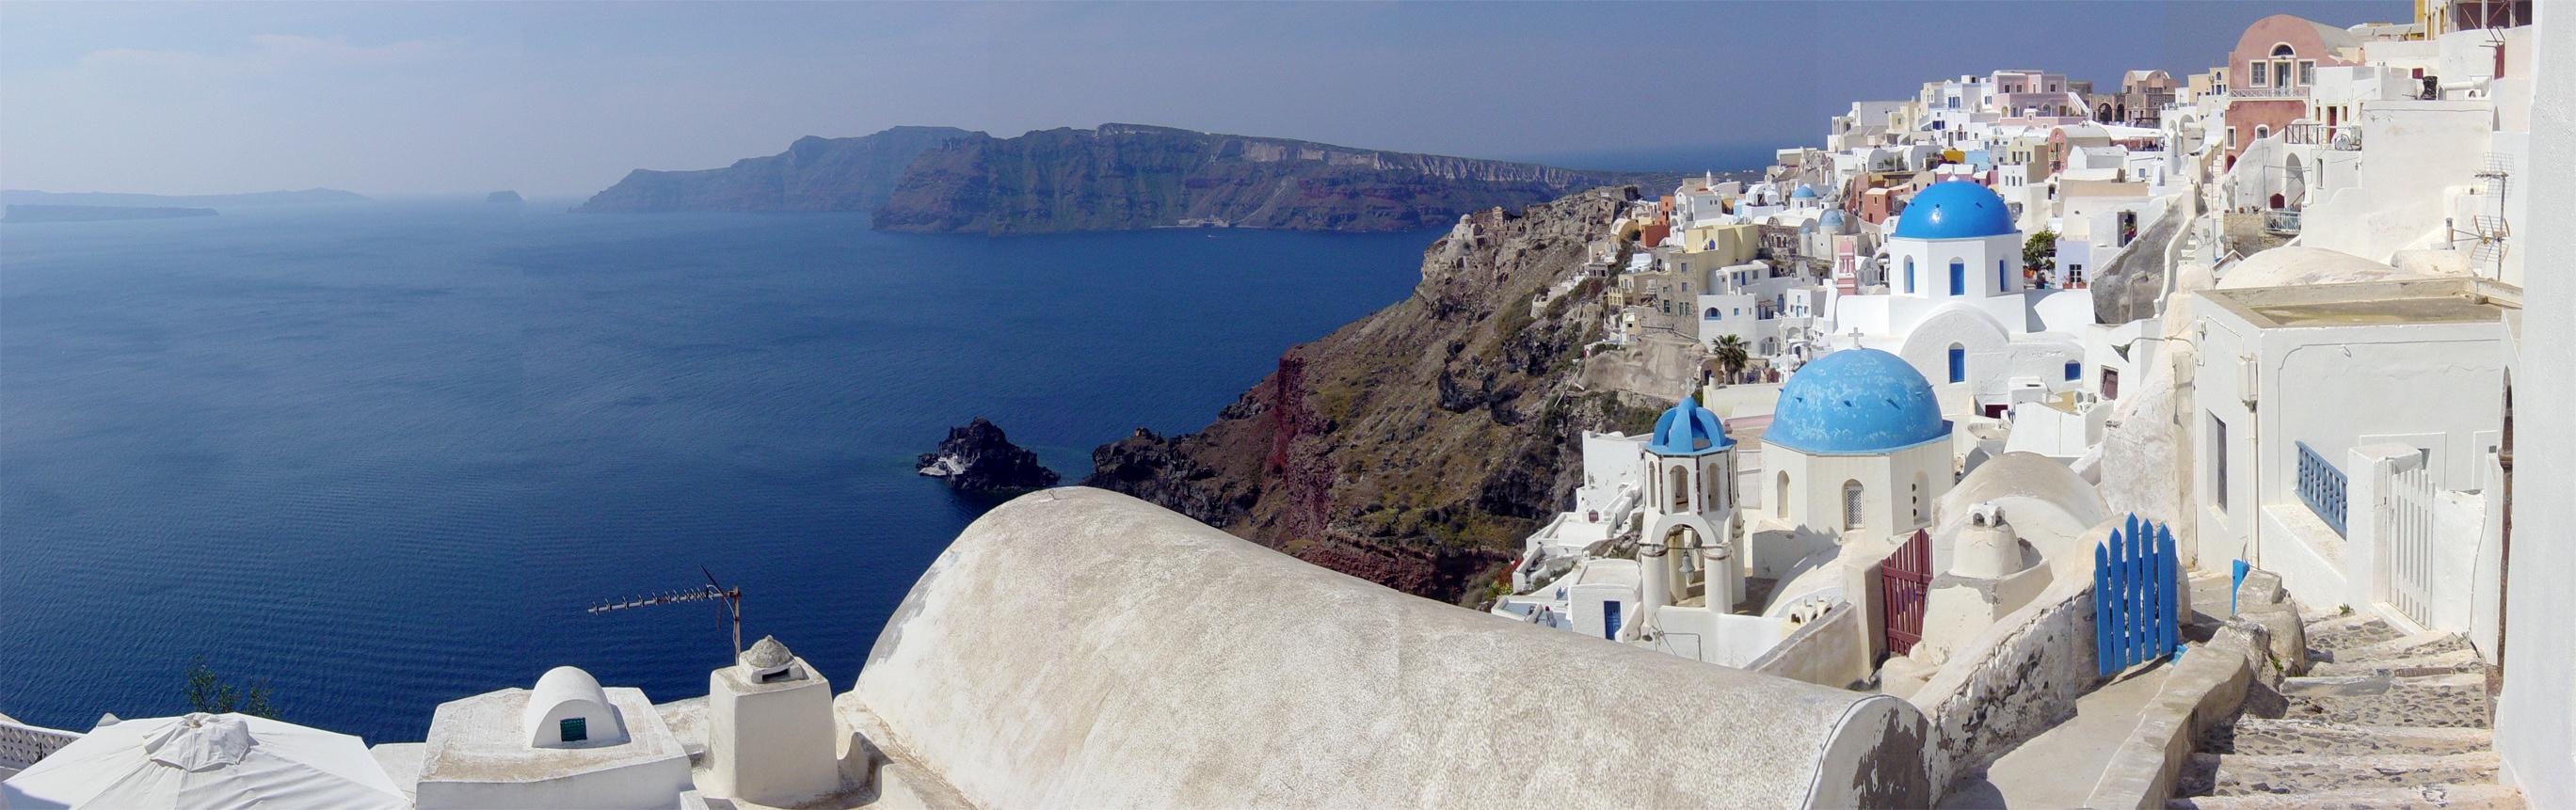 Travel Brazil Greece Pacote de viagem para Grécia